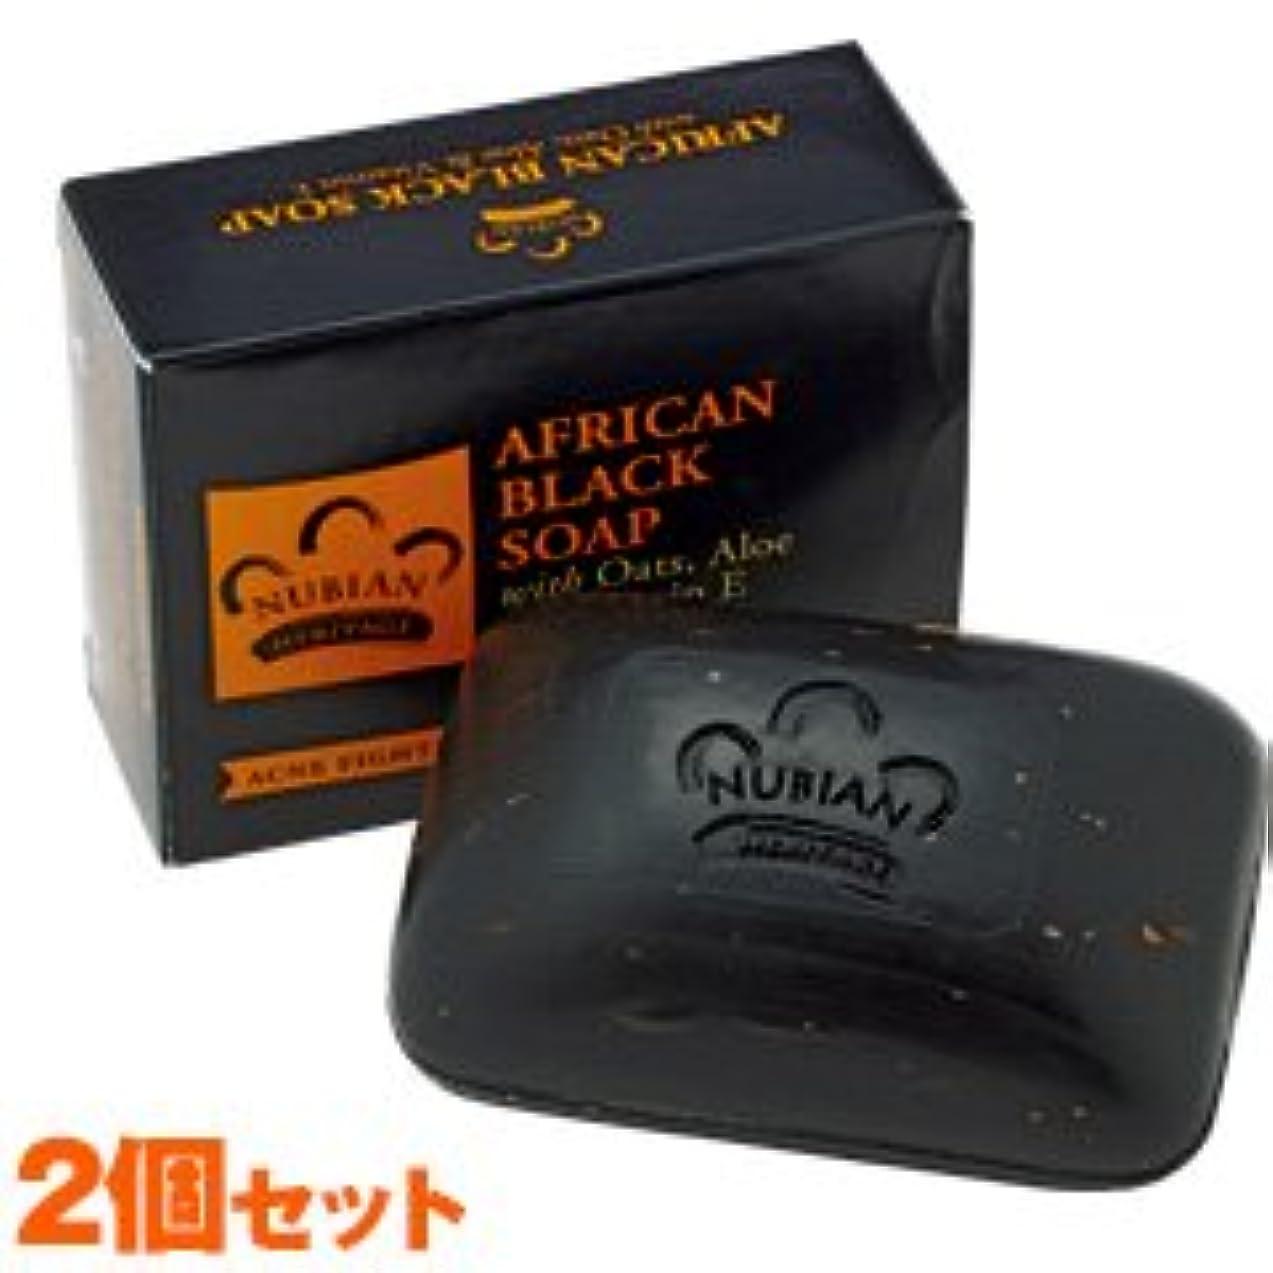 フォロー優越解放ヌビアン ヘリテージ(NUBIAN HERITAGE)アフリカン ブラック ソープバー 2個セット 141gX2[並行輸入品][海外直送品]